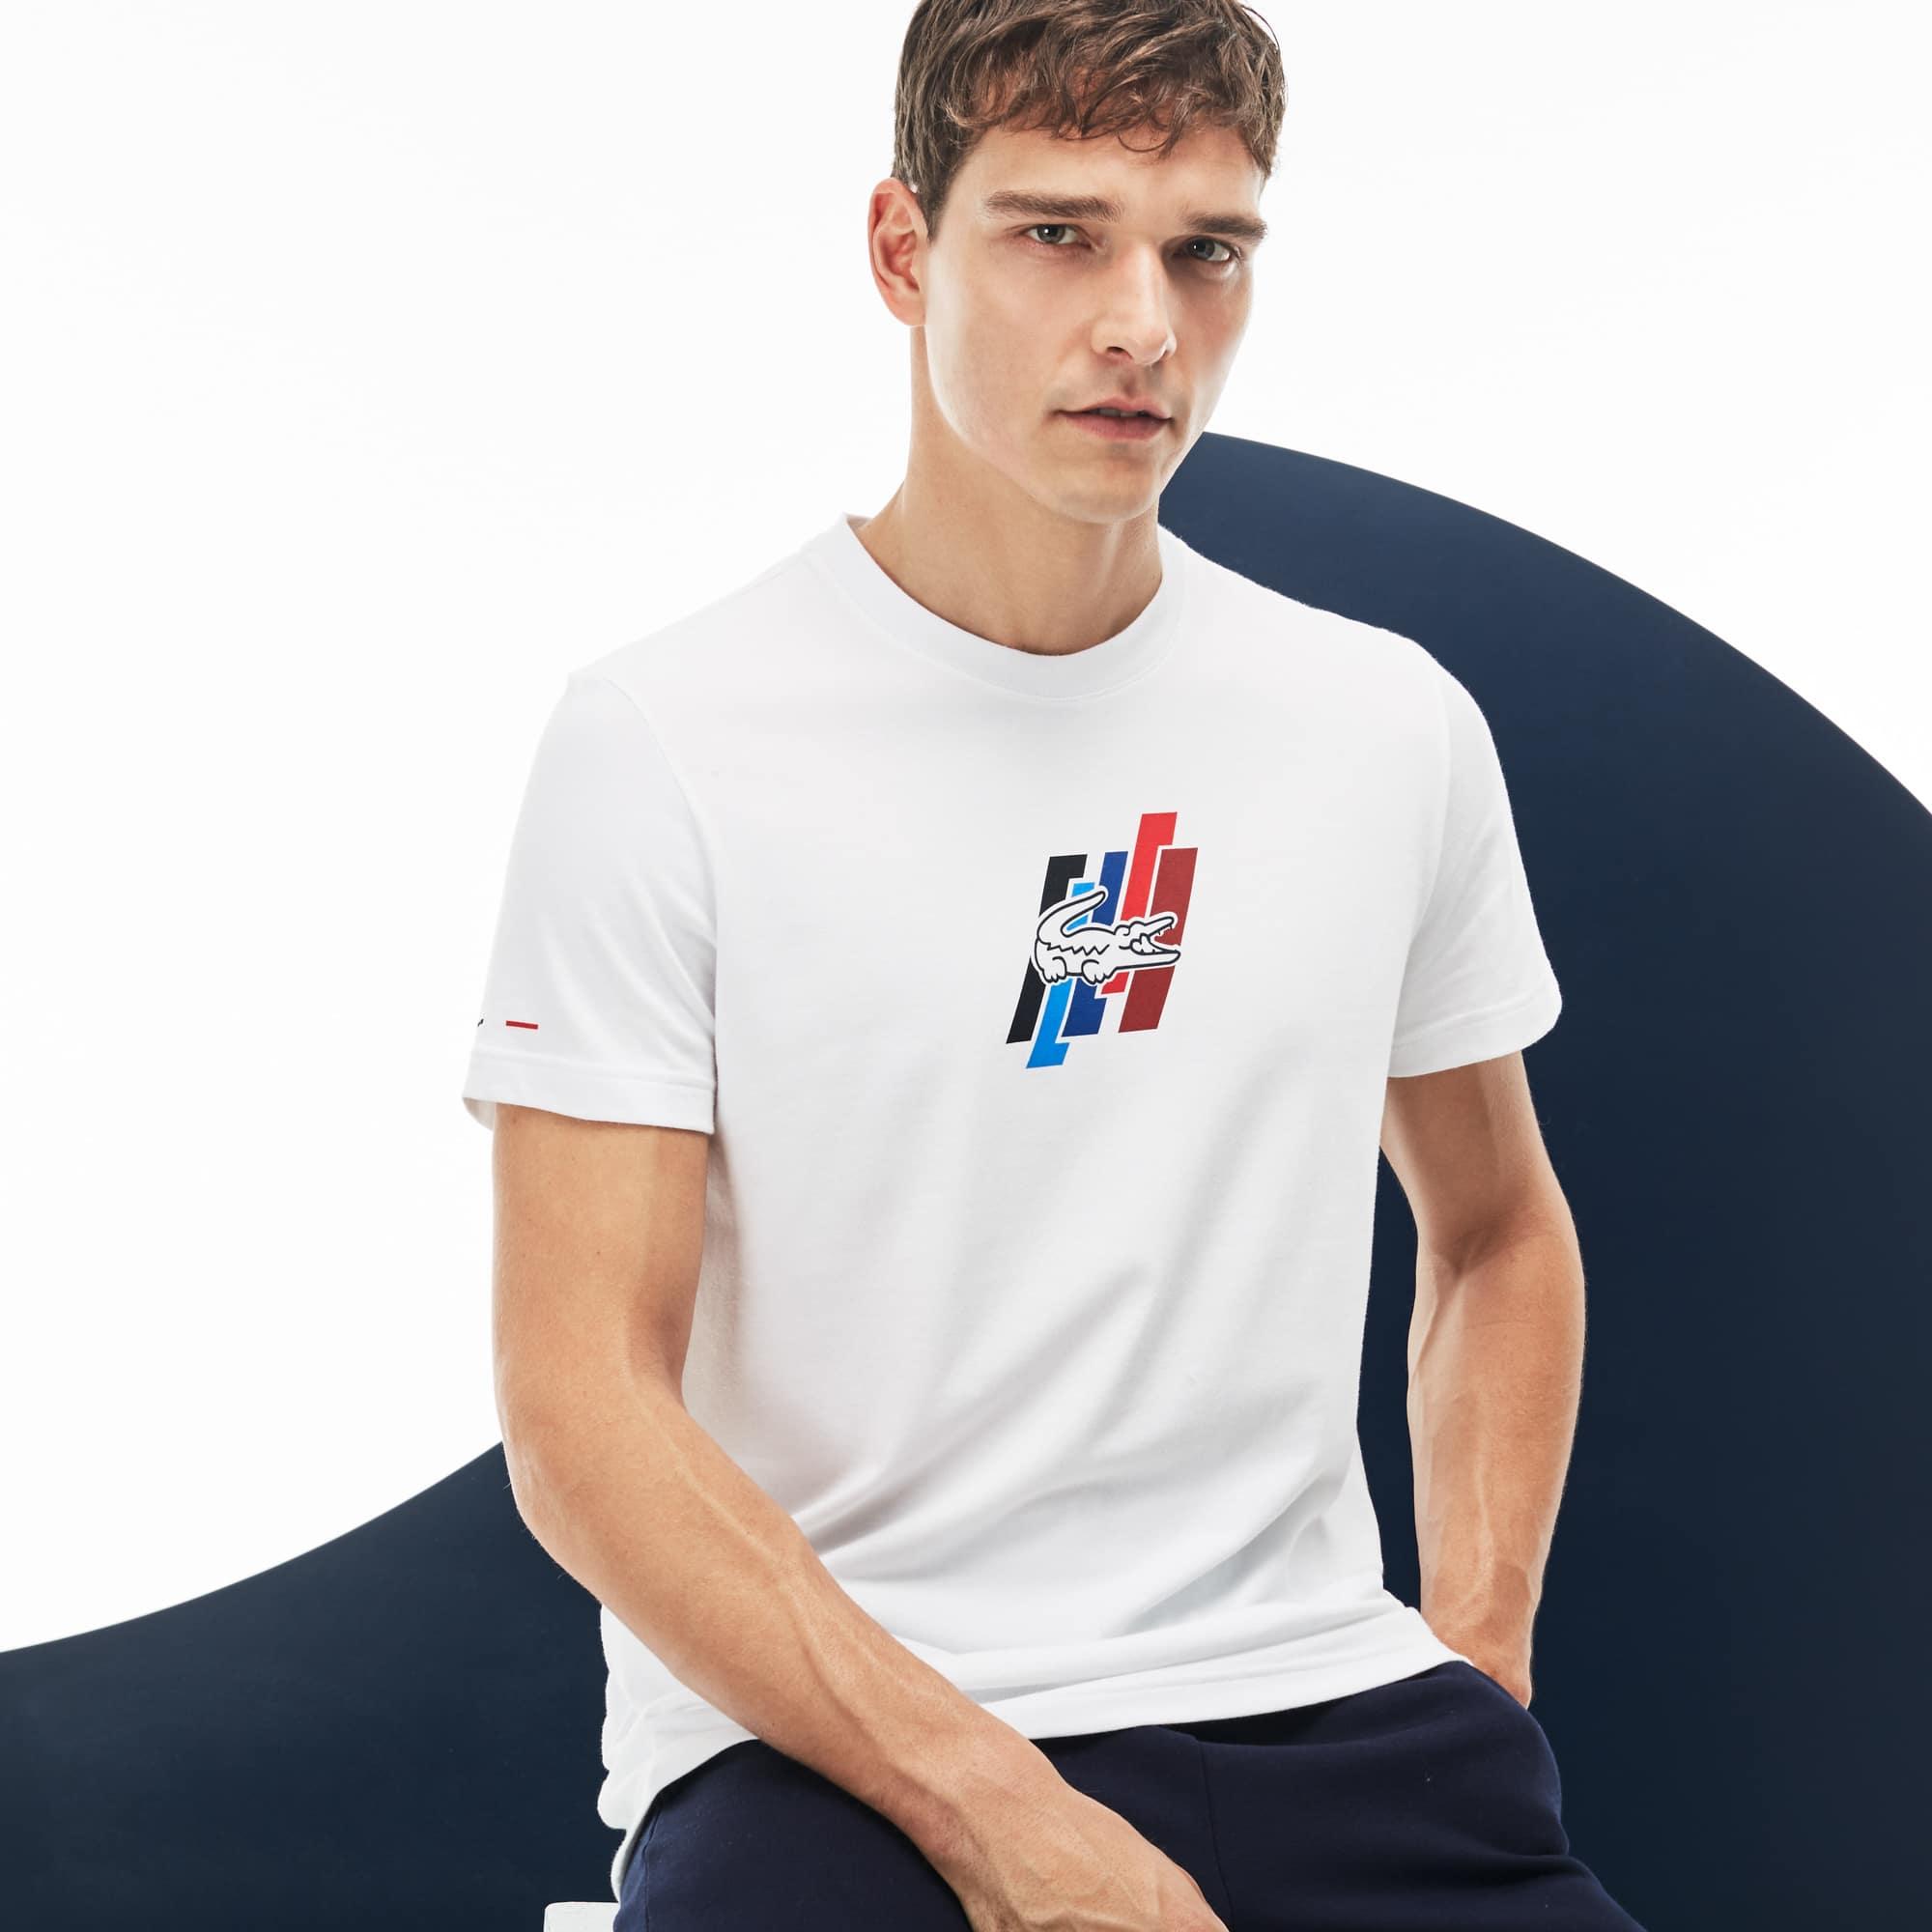 Herren-Rundhals-Shirt aus Jersey LACOSTE SPORT FRENCH SPORTING SPIRIT